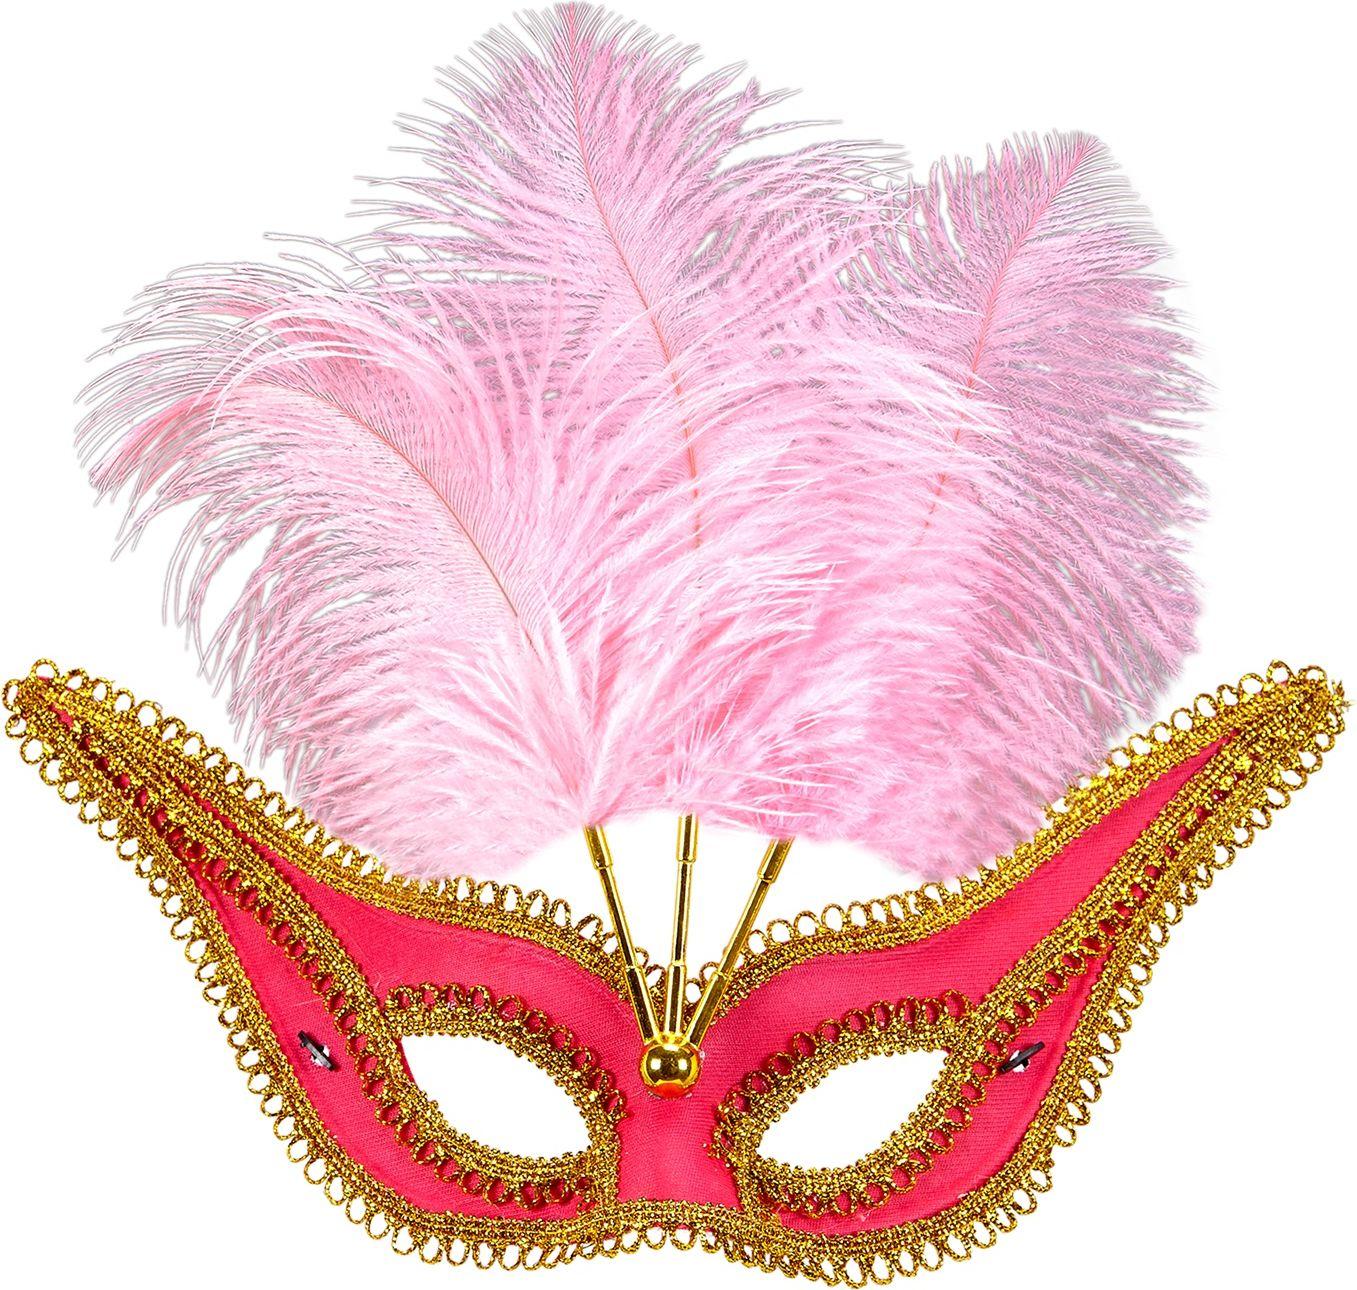 Roze oogmasker met gouden rand en veren